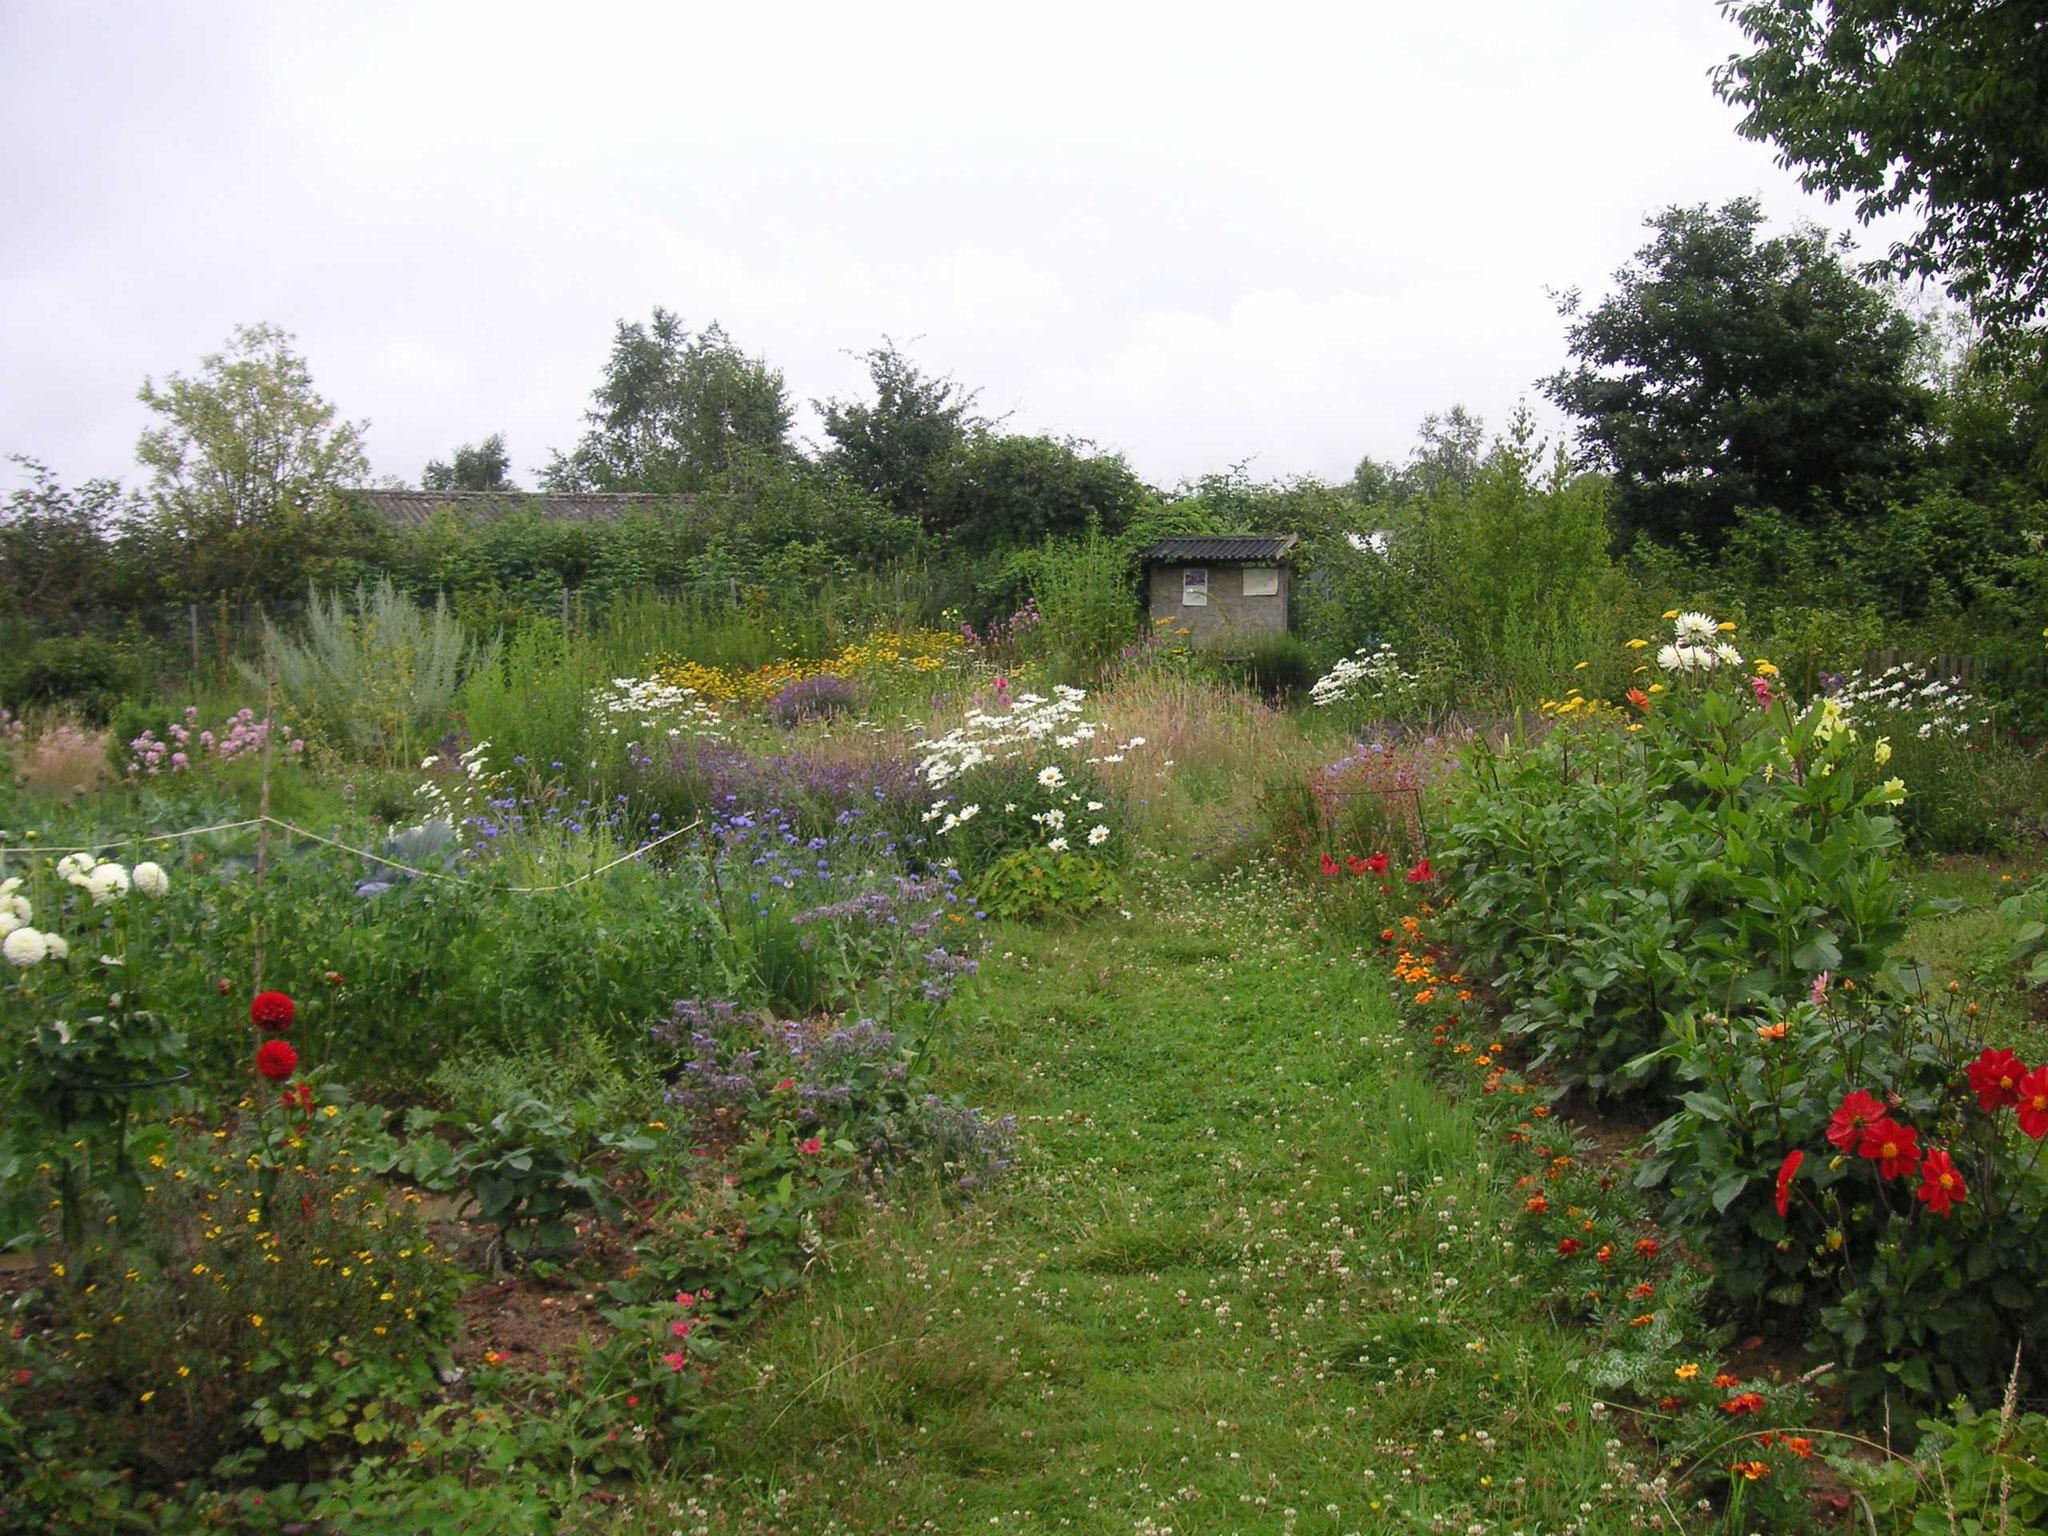 Blick vom Eingangstor in den NABUnten Garten zur Wiese hin,  Quelle: Gisela Wartenberg